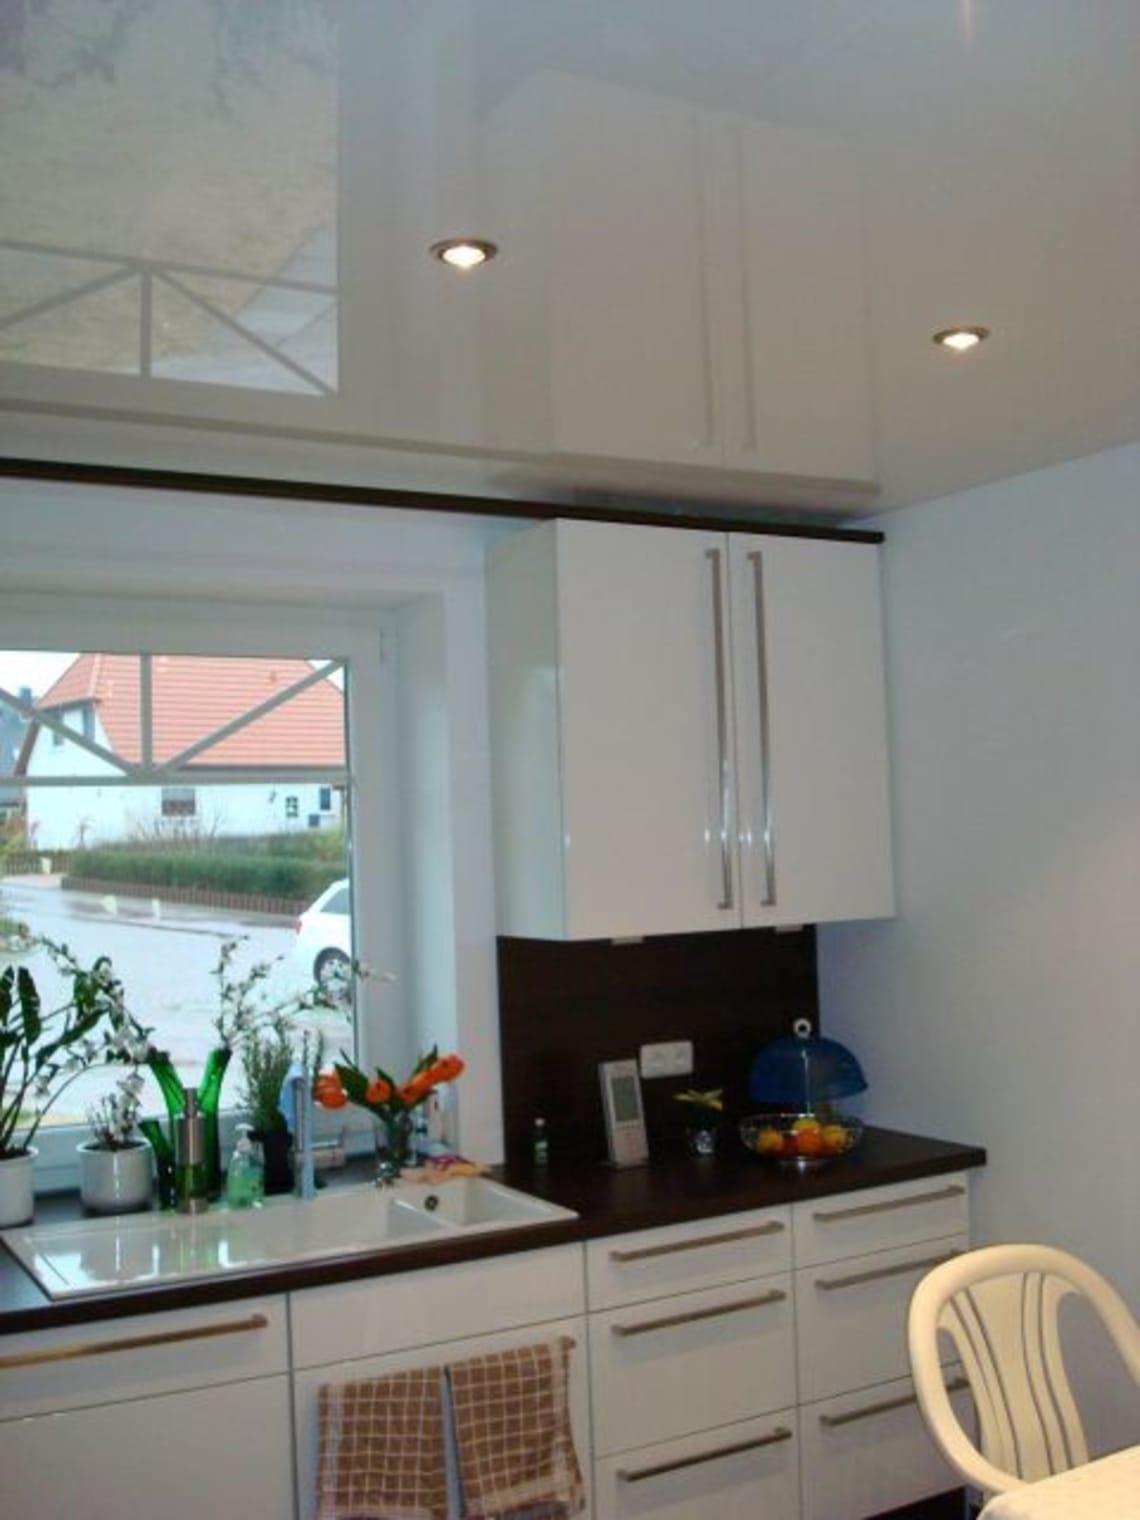 Weiße Hochglanzspanndecke in der Küche